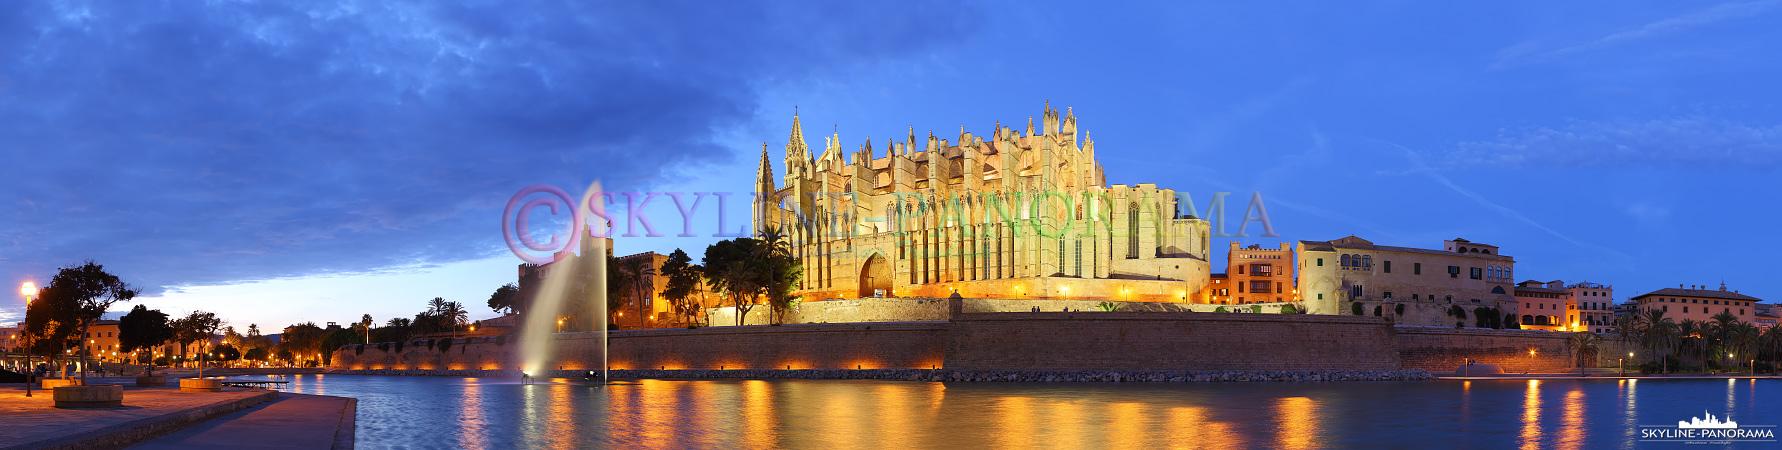 Panorama Mallorca - Die abendlich beleuchtete Kathedrale von Palma, der Inselhauptstadt von Mallorca.